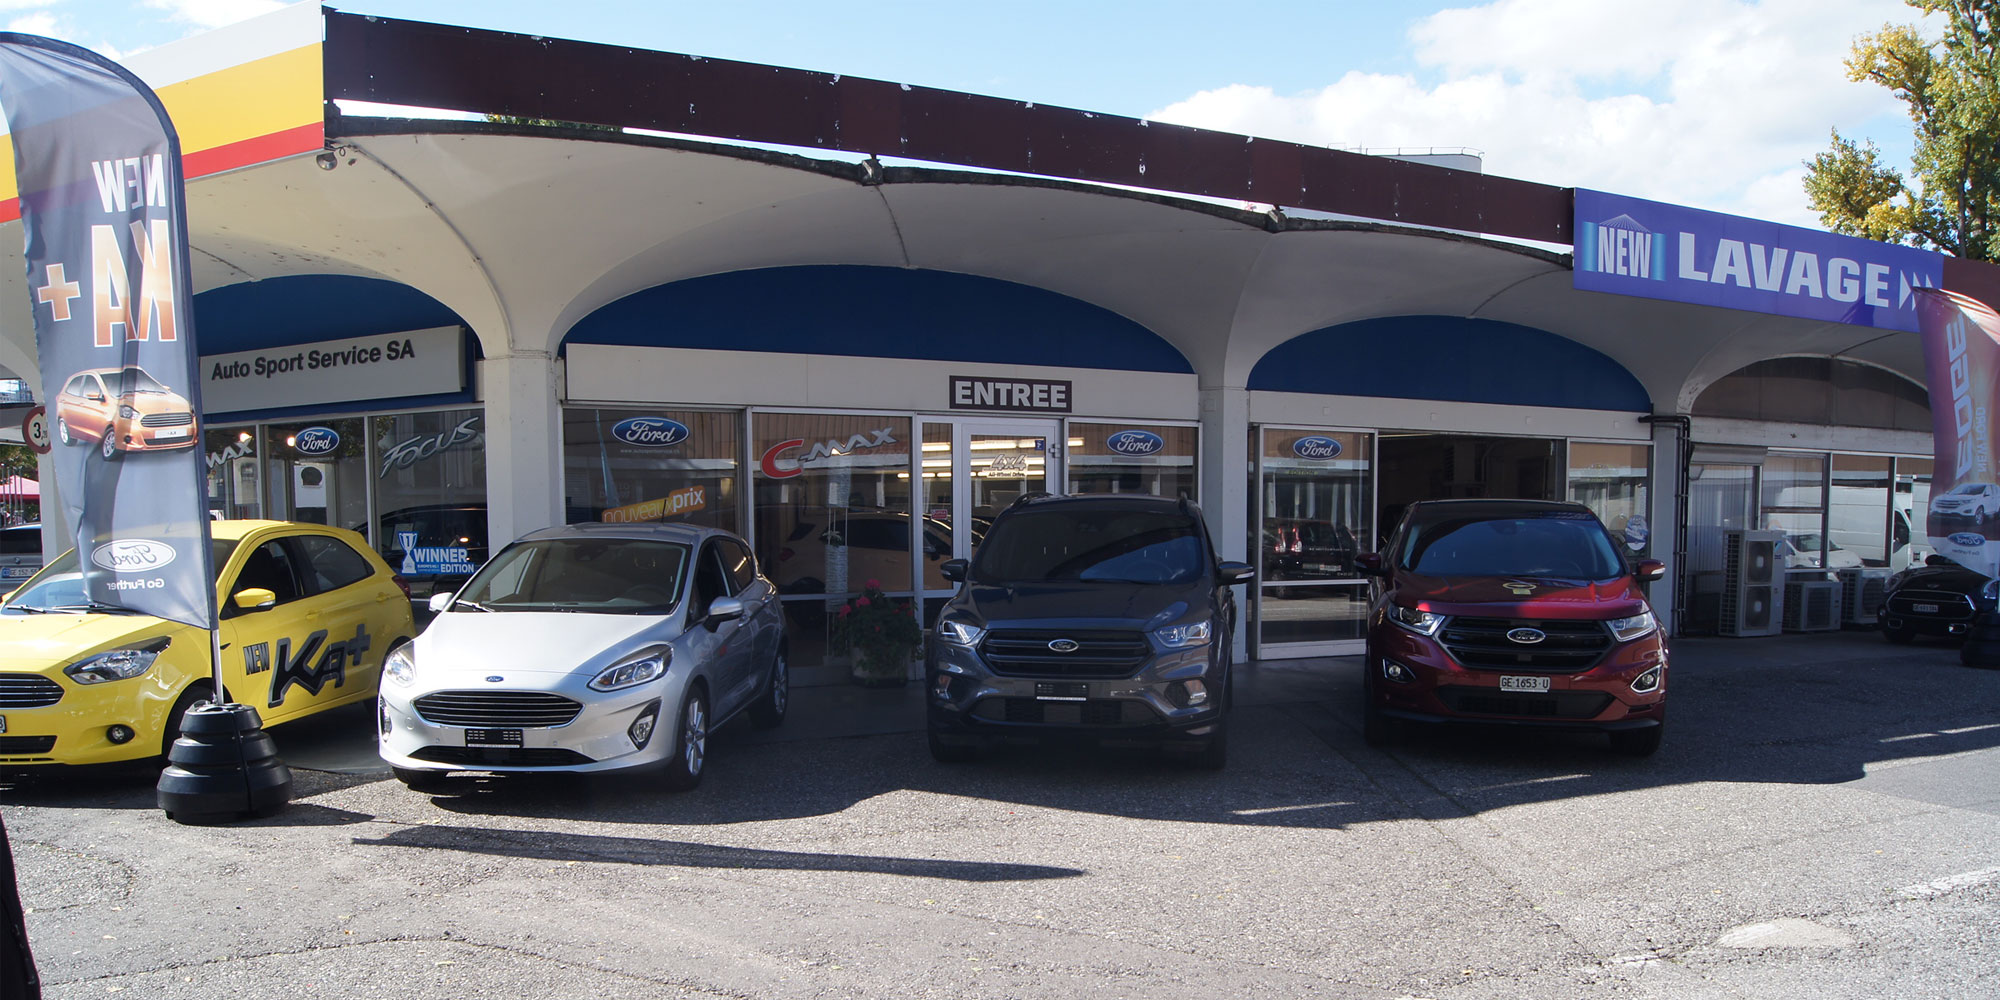 Ford Auto Sport Service